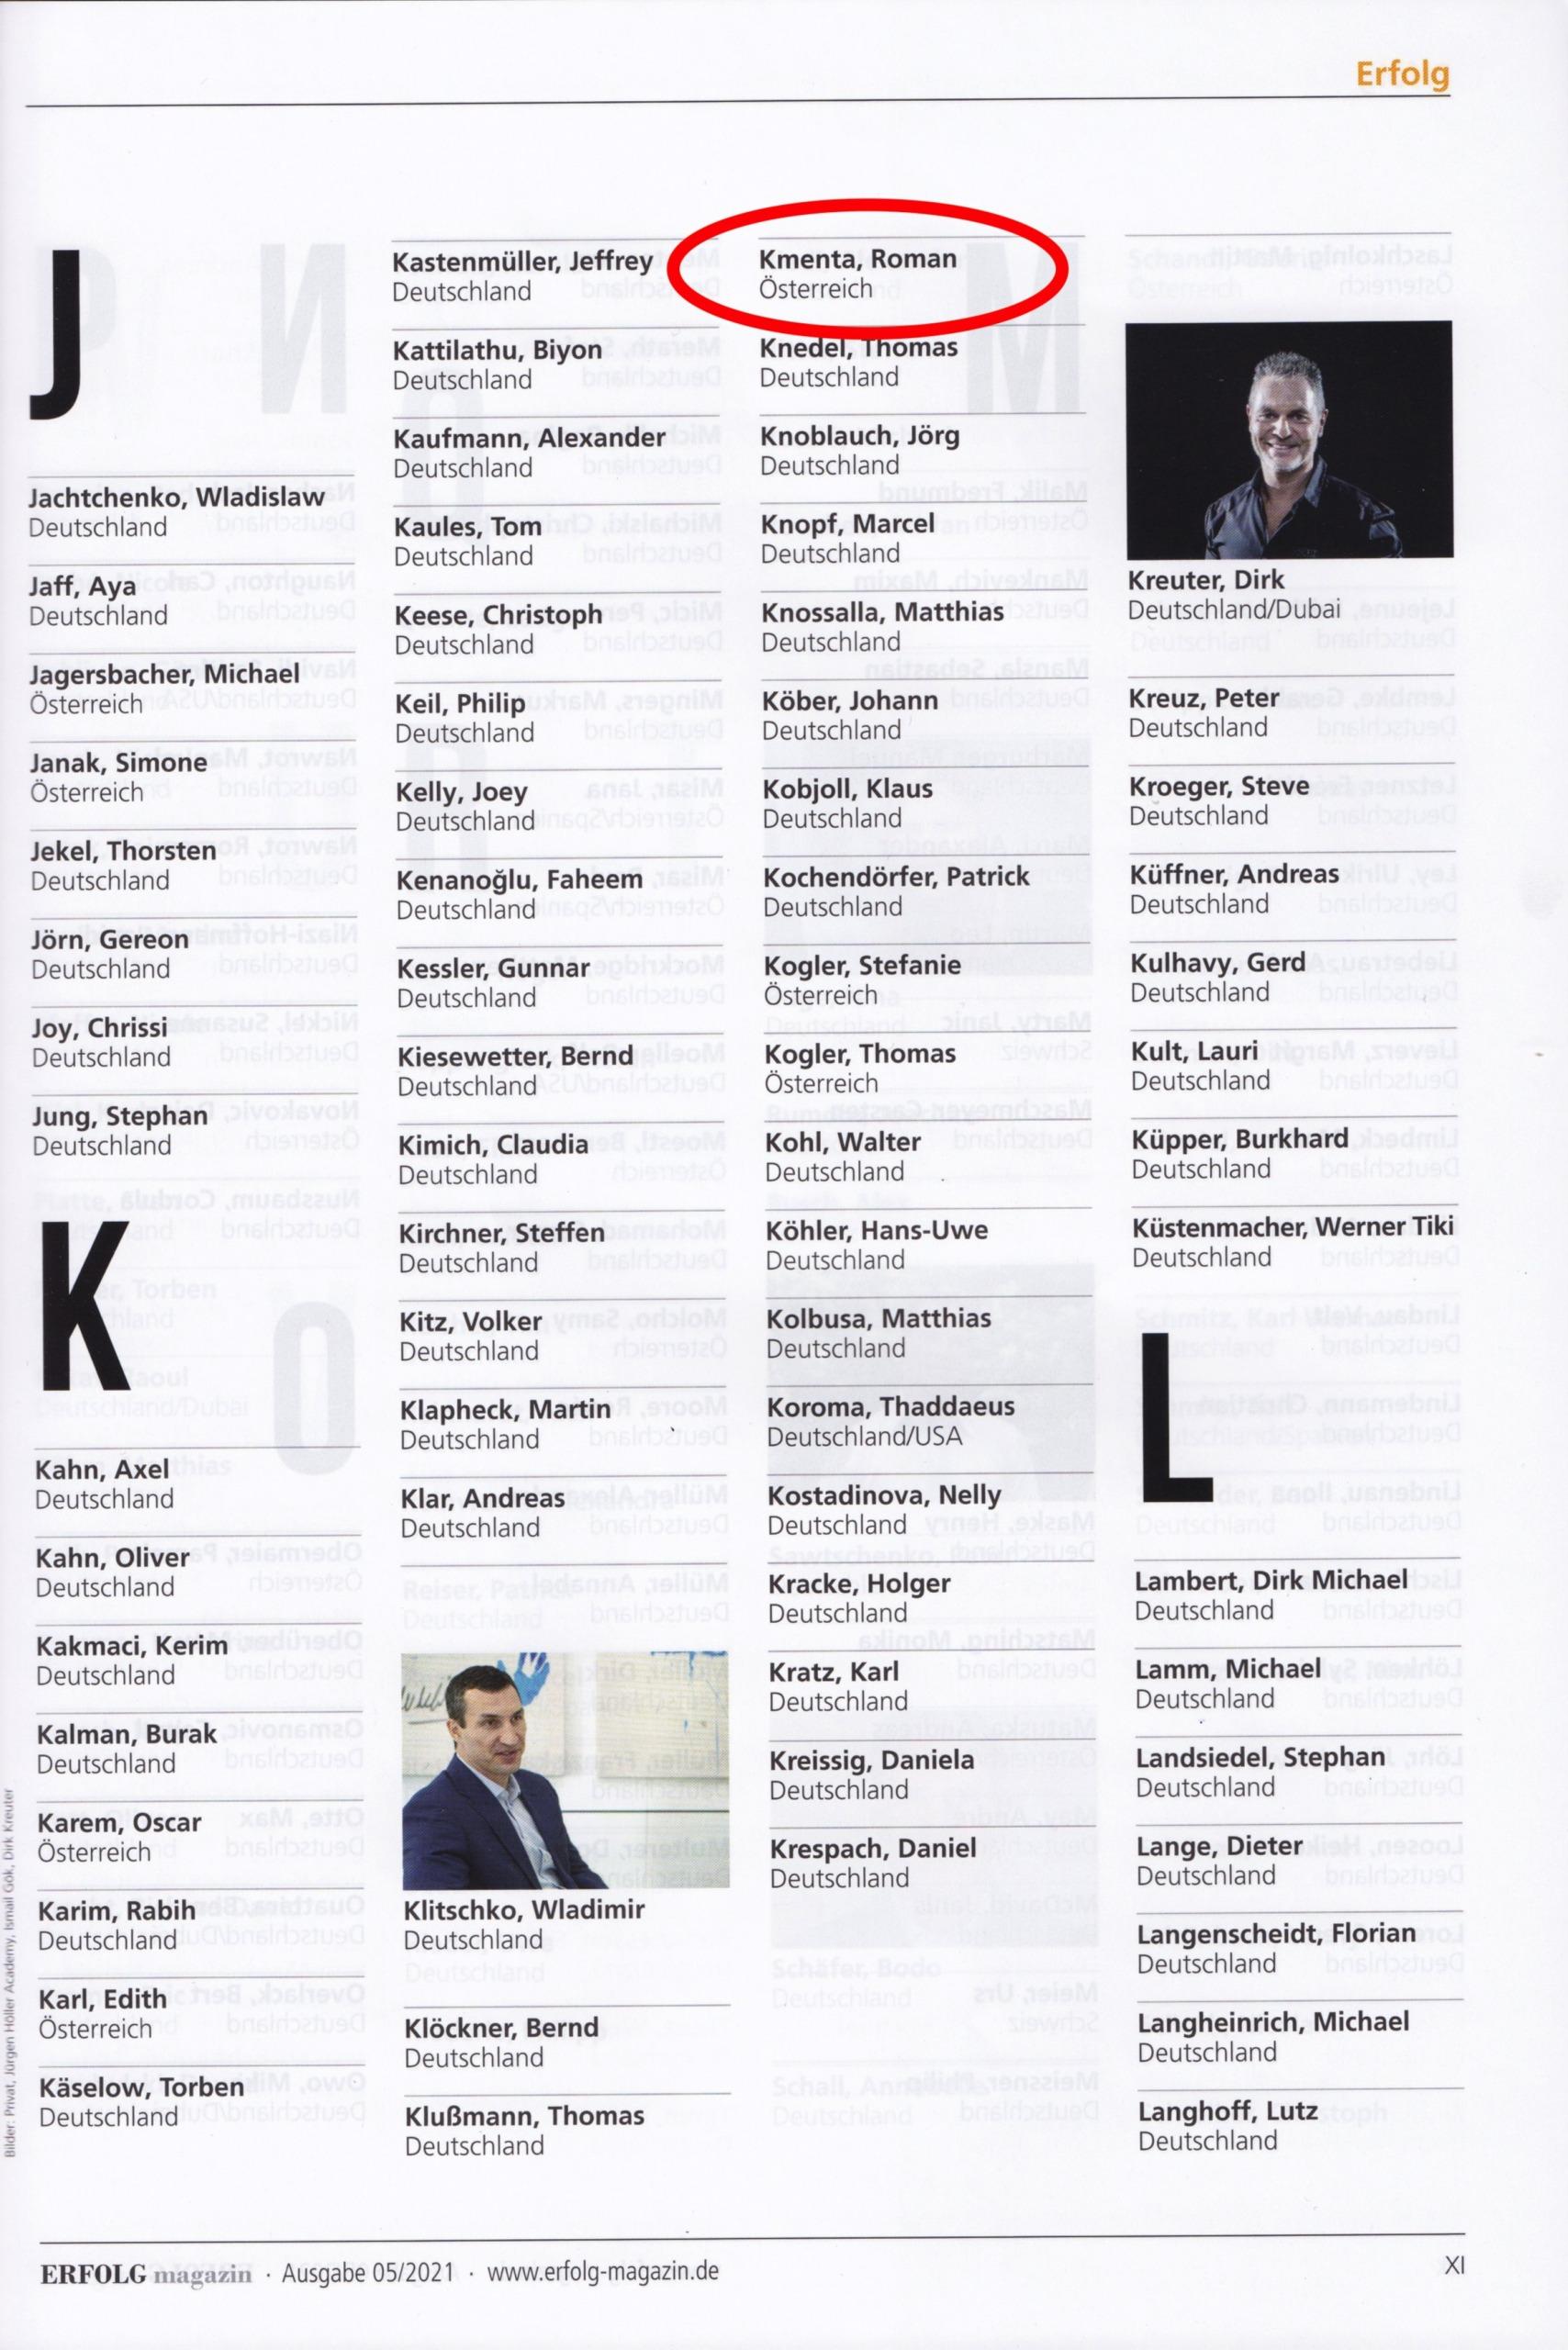 Erfolg Magazin 2021 - Die 500 wichtigsten Köpfe - 1 - Mag. Roman Kmenta